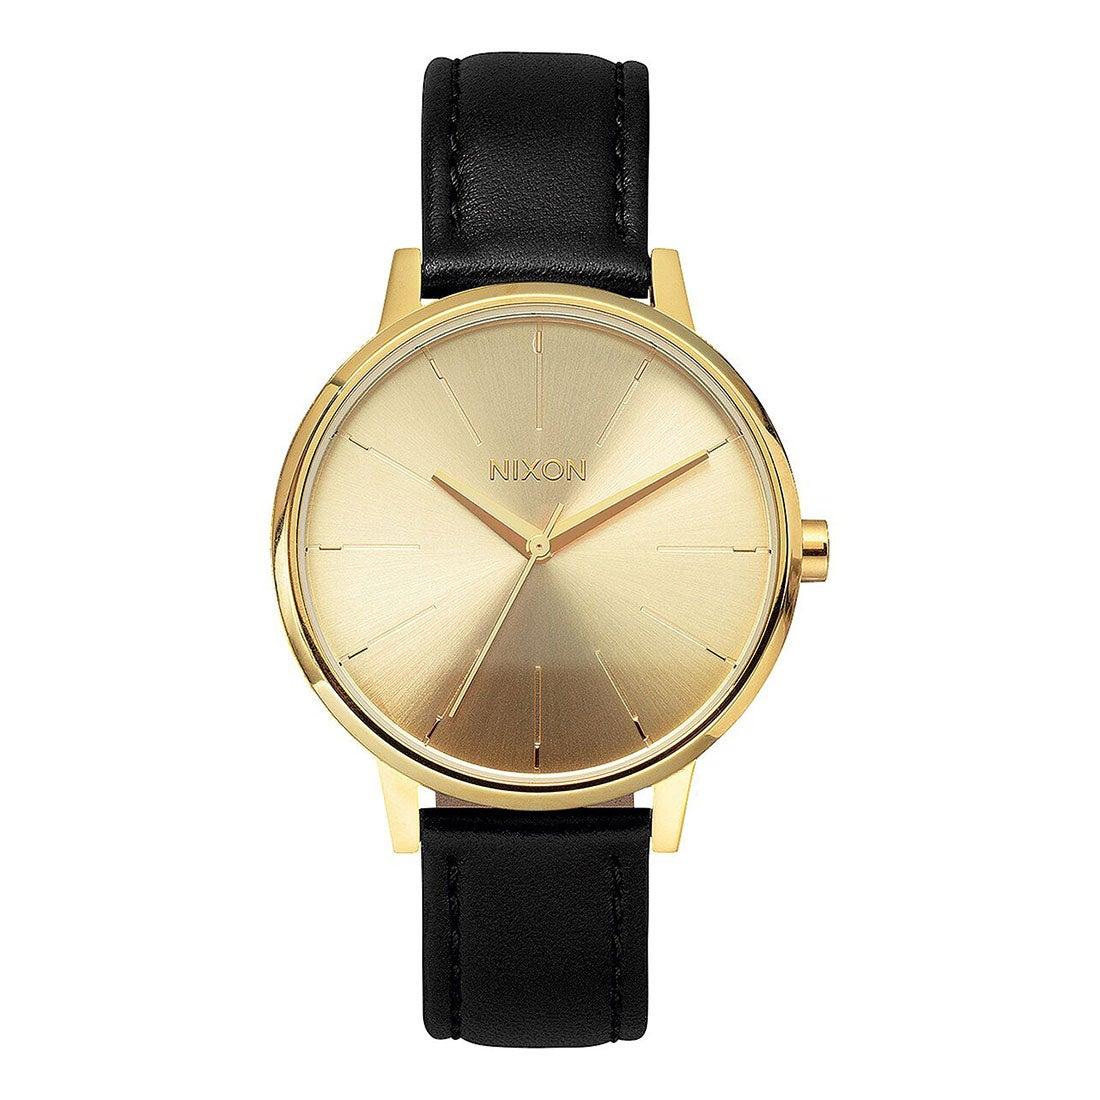 ロコンド 靴とファッションの通販サイトニクソン NIXON Kensington Leather (Gold)